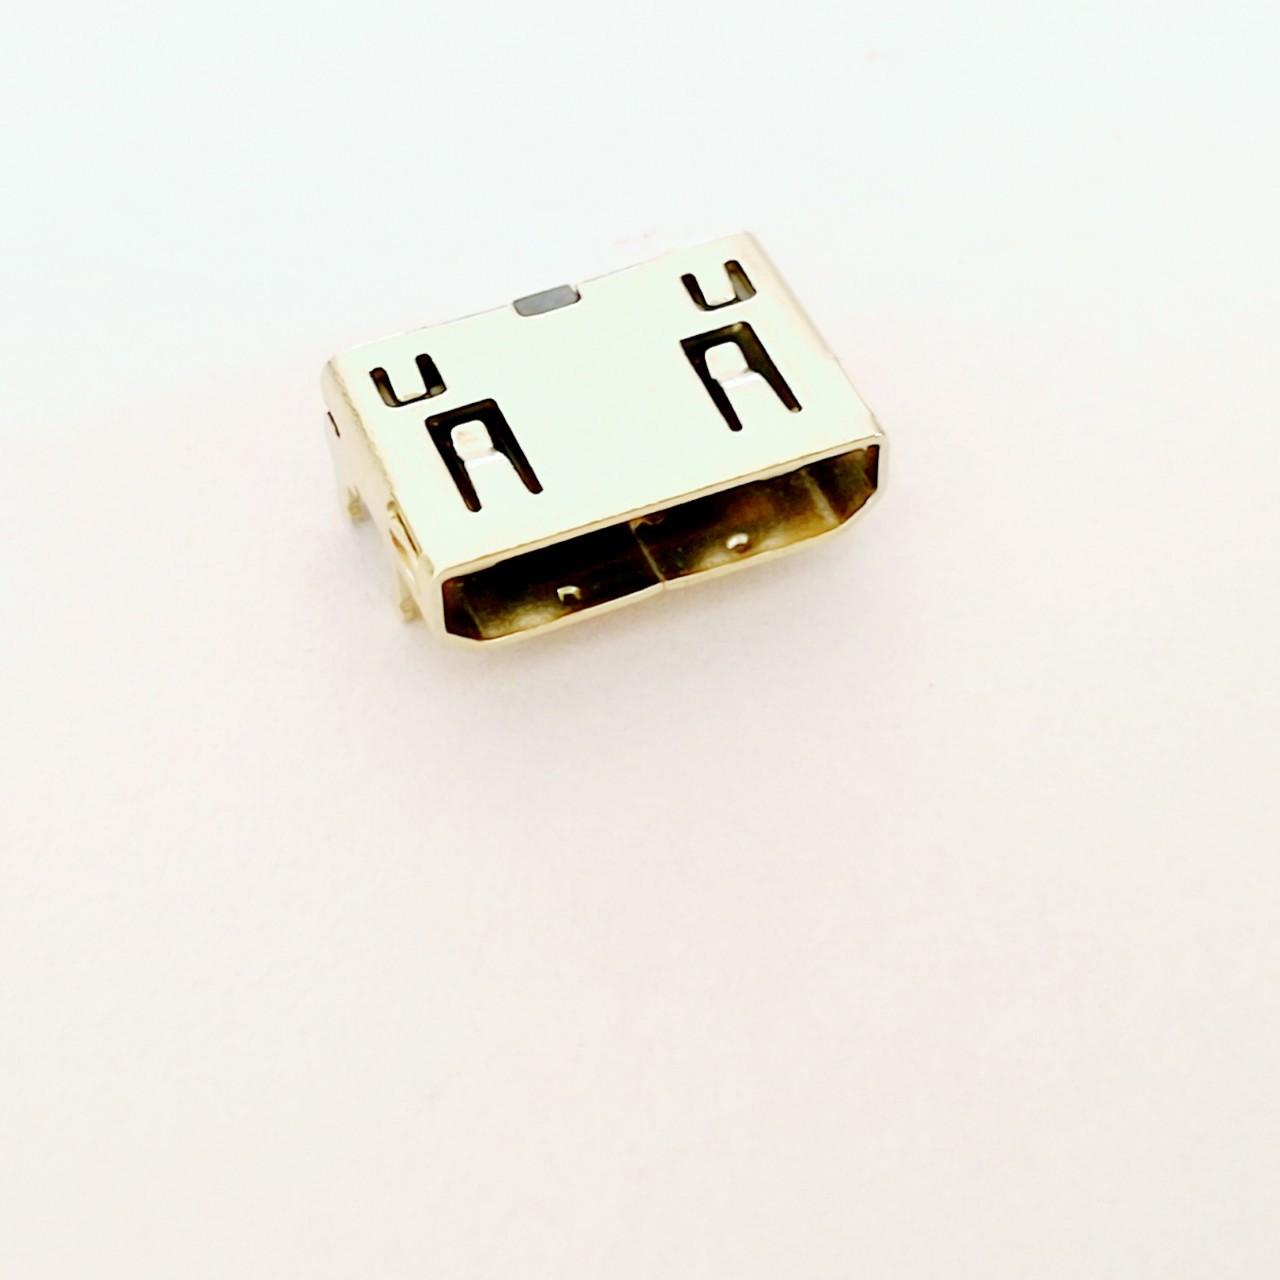 厂家直销连接器高清插座HDMI 母座 C